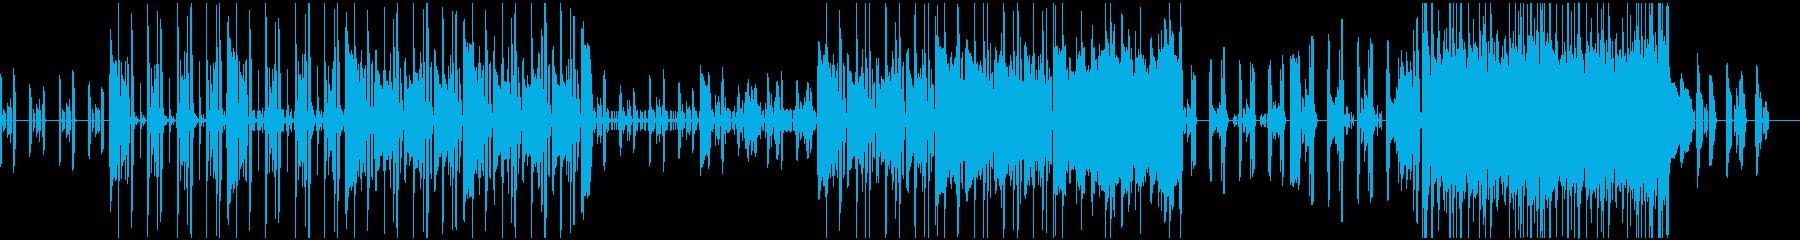 エレキピアノが主役のシックなBGMの再生済みの波形